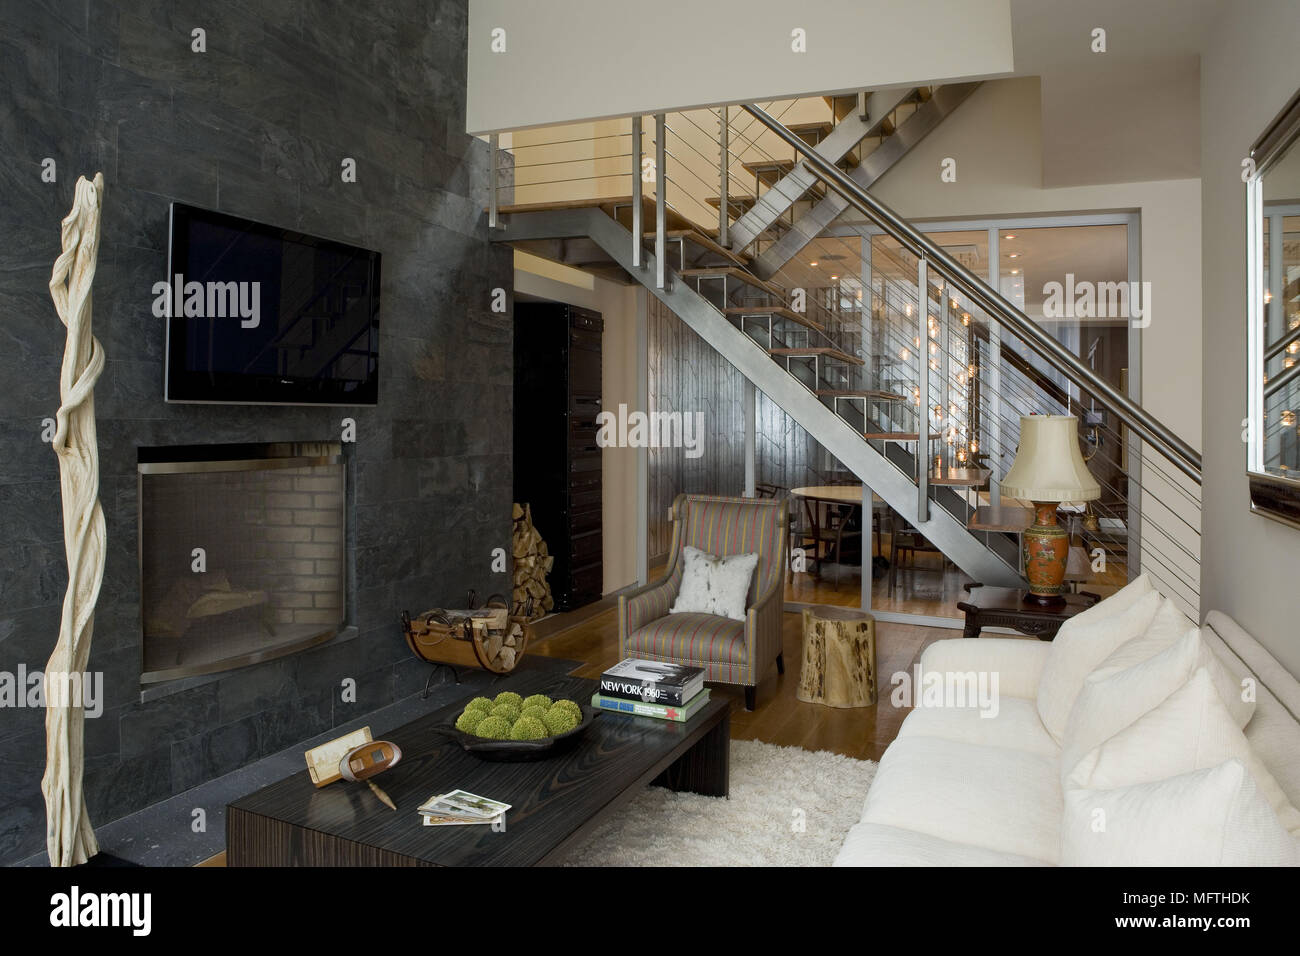 Sofa An Der Wand Montierte Fernseher Oben Kamin In Moderne Wohnzimmer